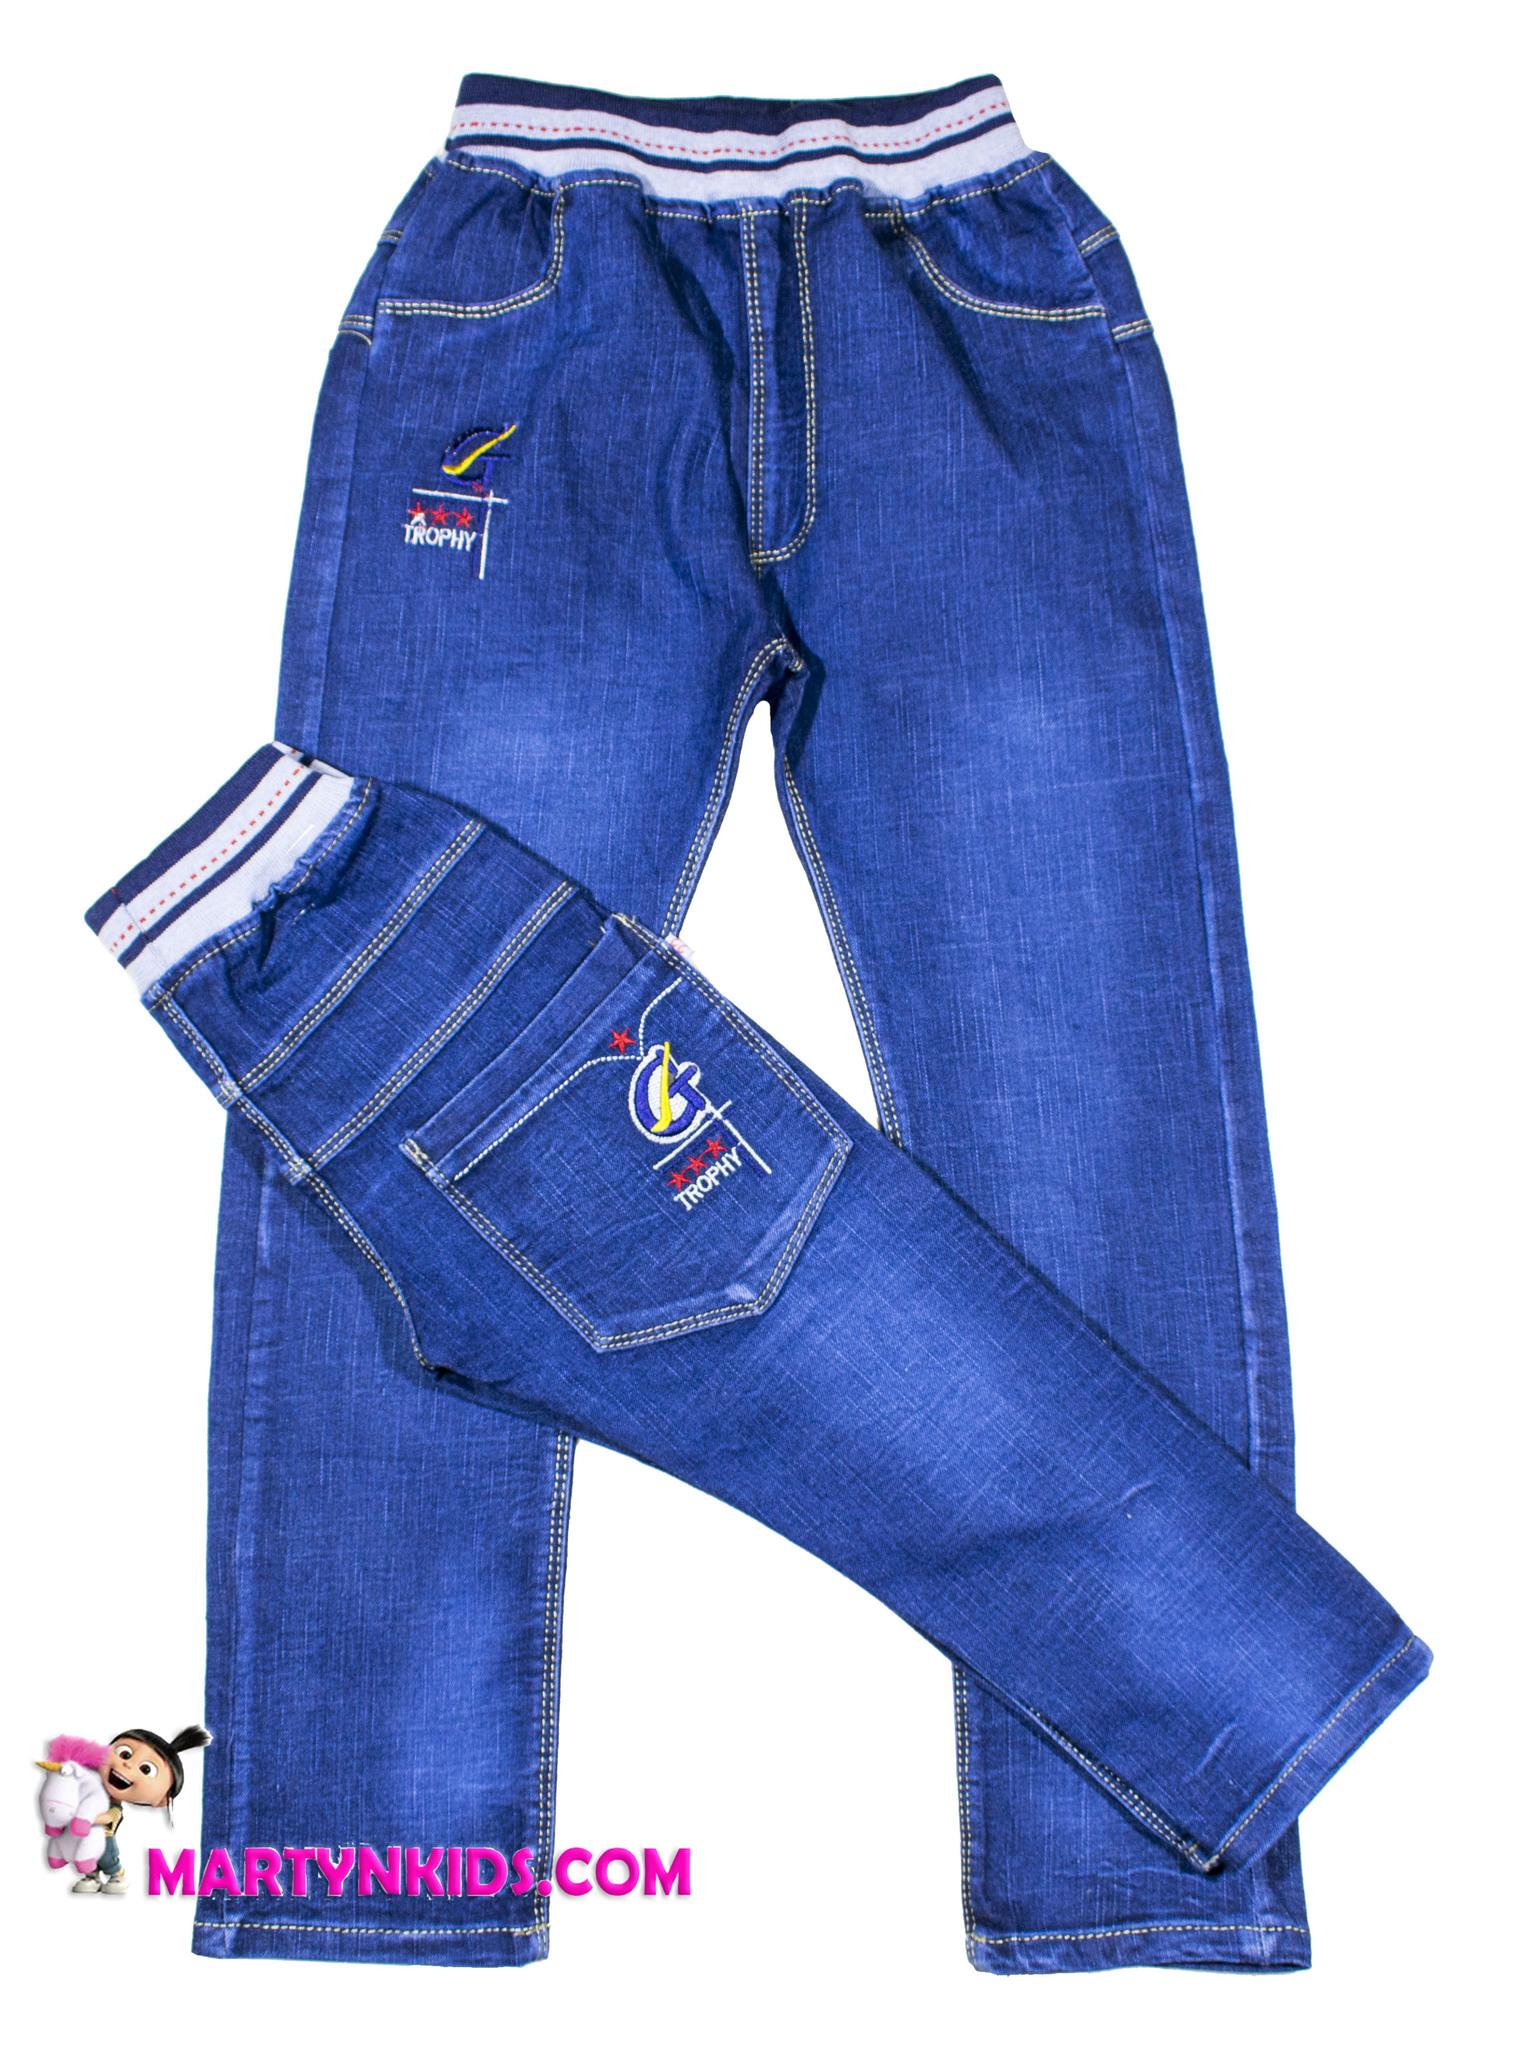 1235 джинсы Трофи